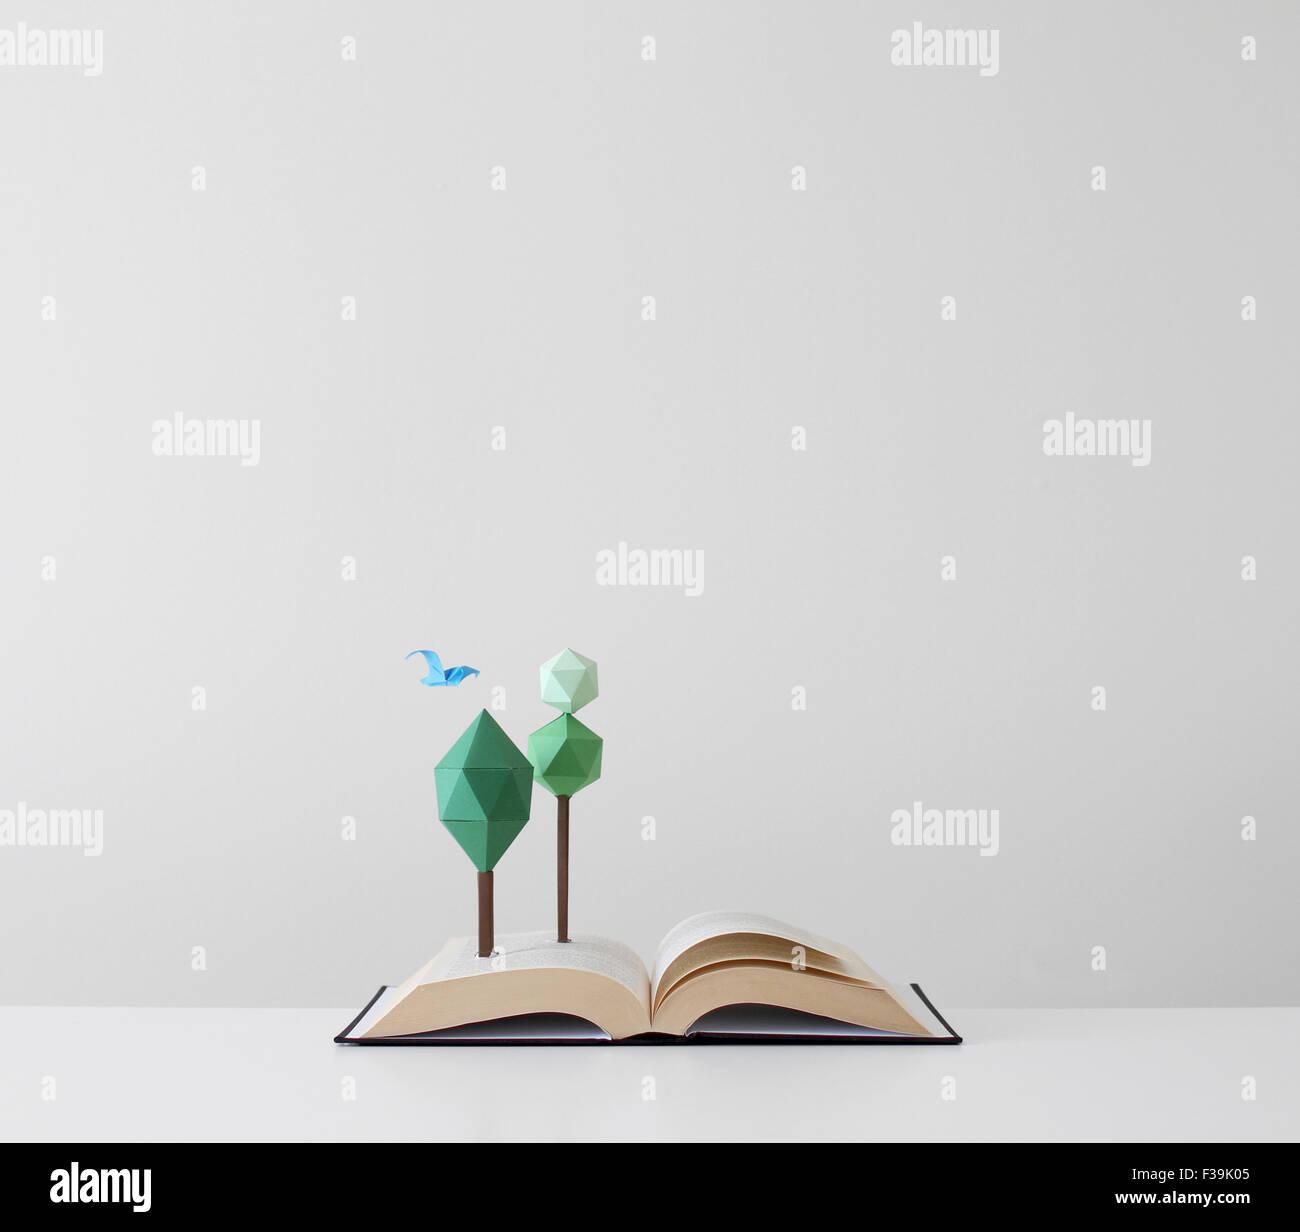 Bäume und Vögel wachsen aus einem offenen Buch Stockbild